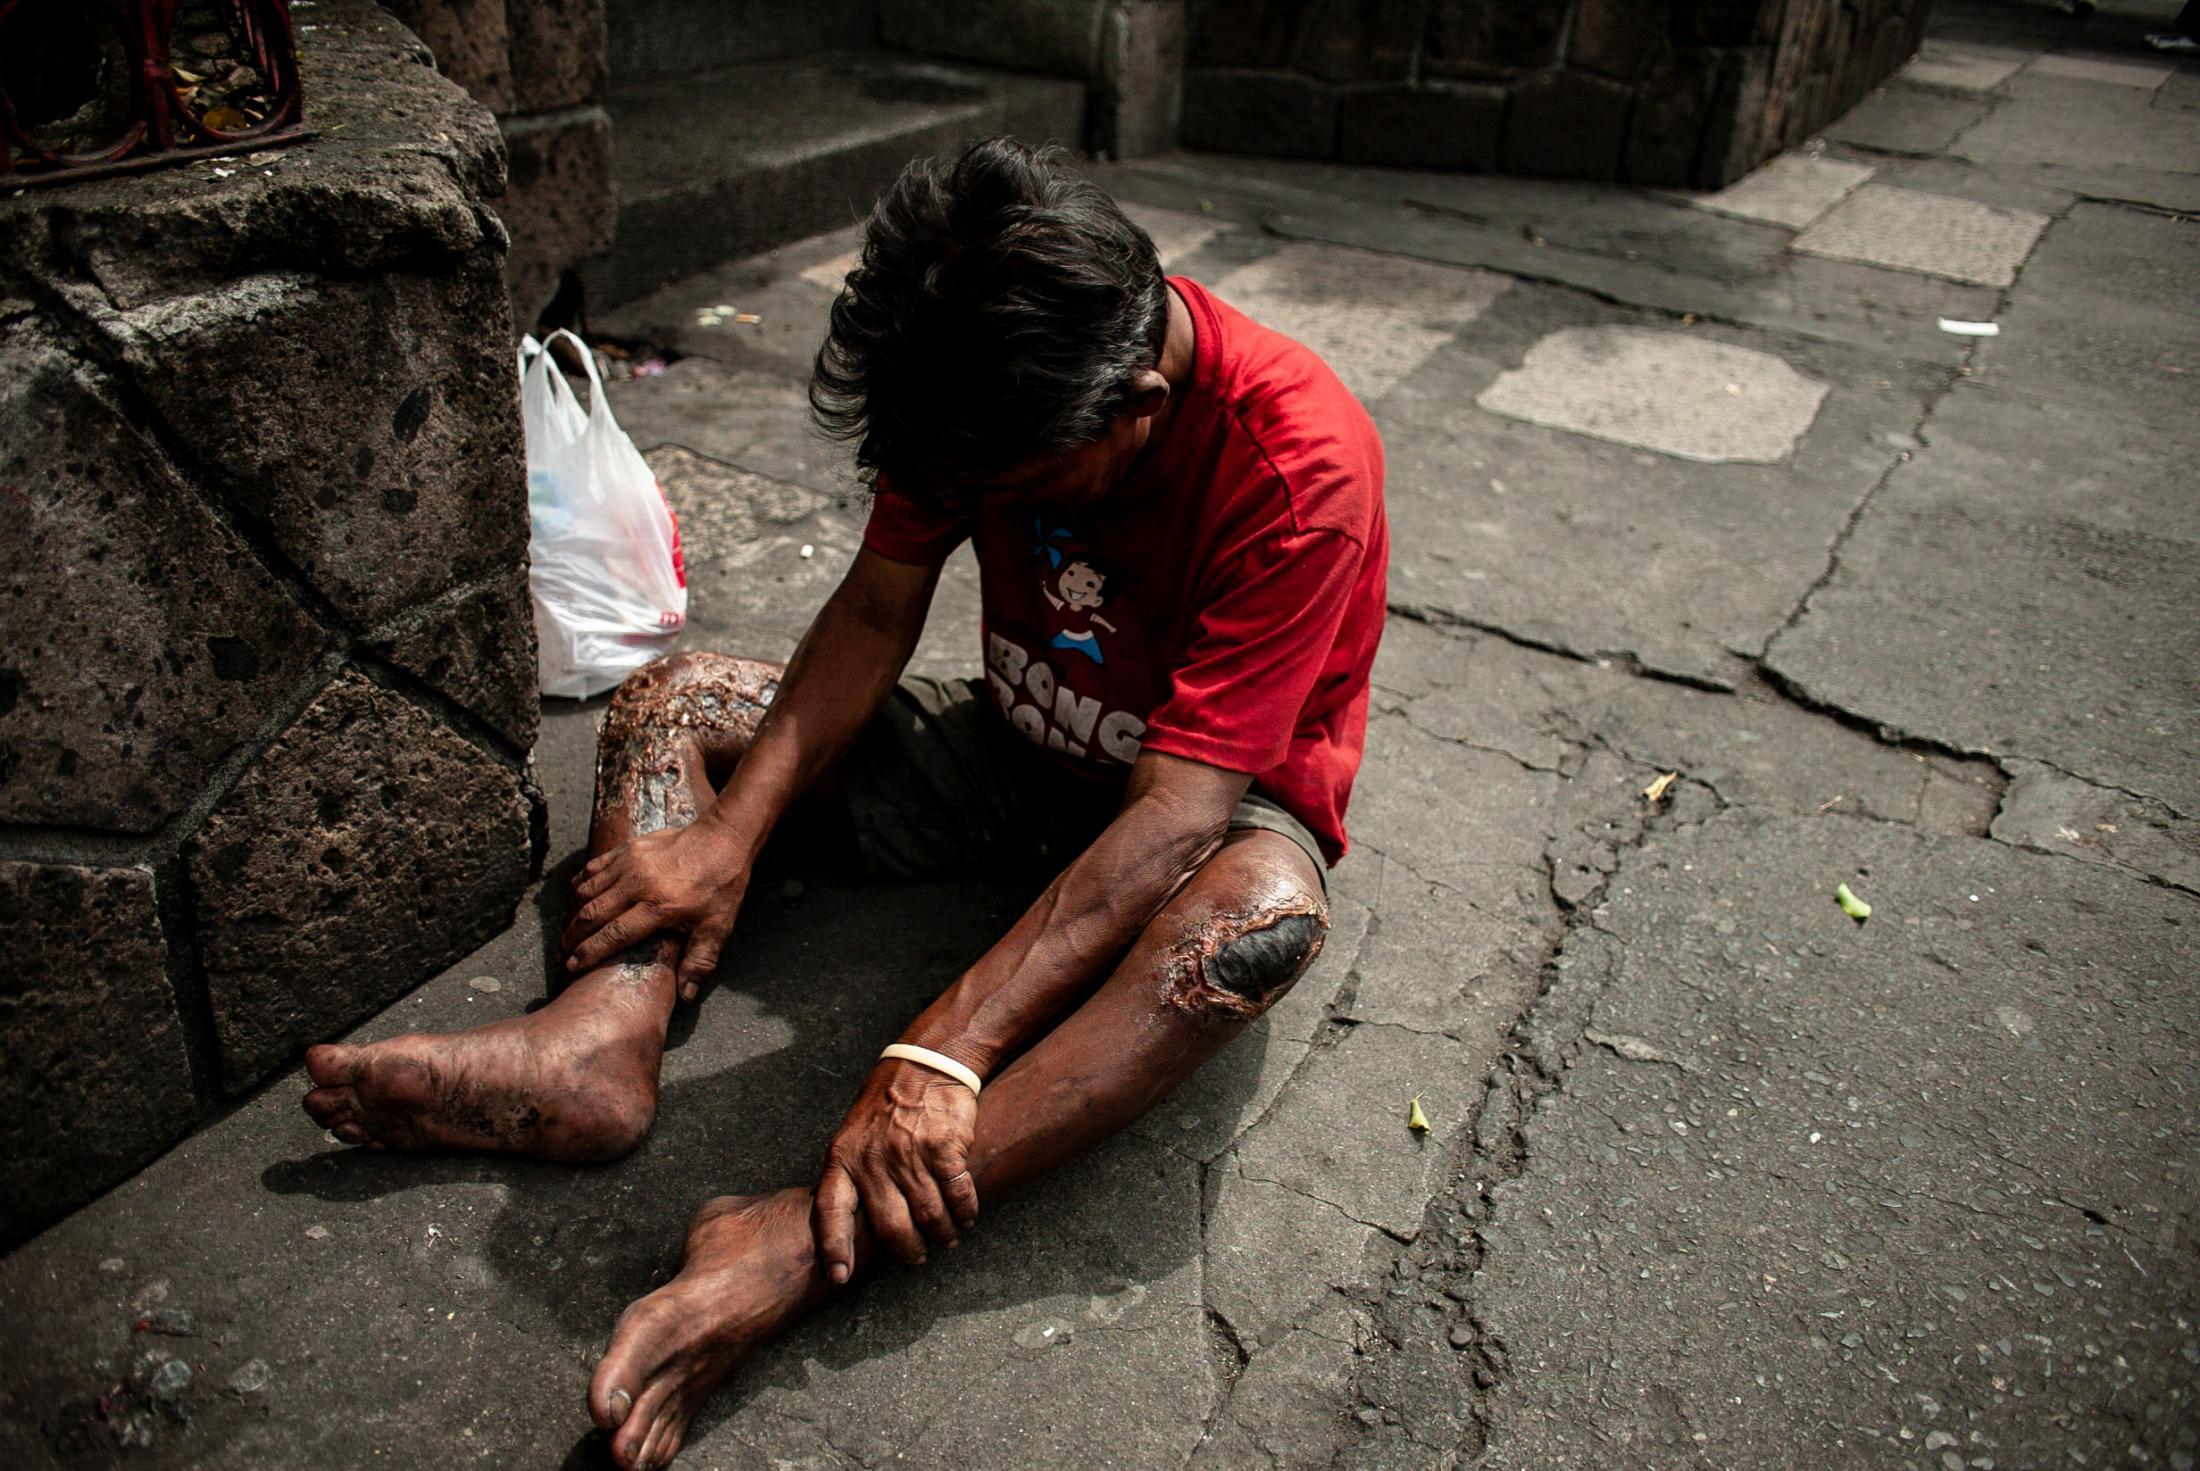 Poverty In Manila2/17/12 20120217-20120217-20120217-20120217-20120217-20120217-20120217-20120217-1.JPG